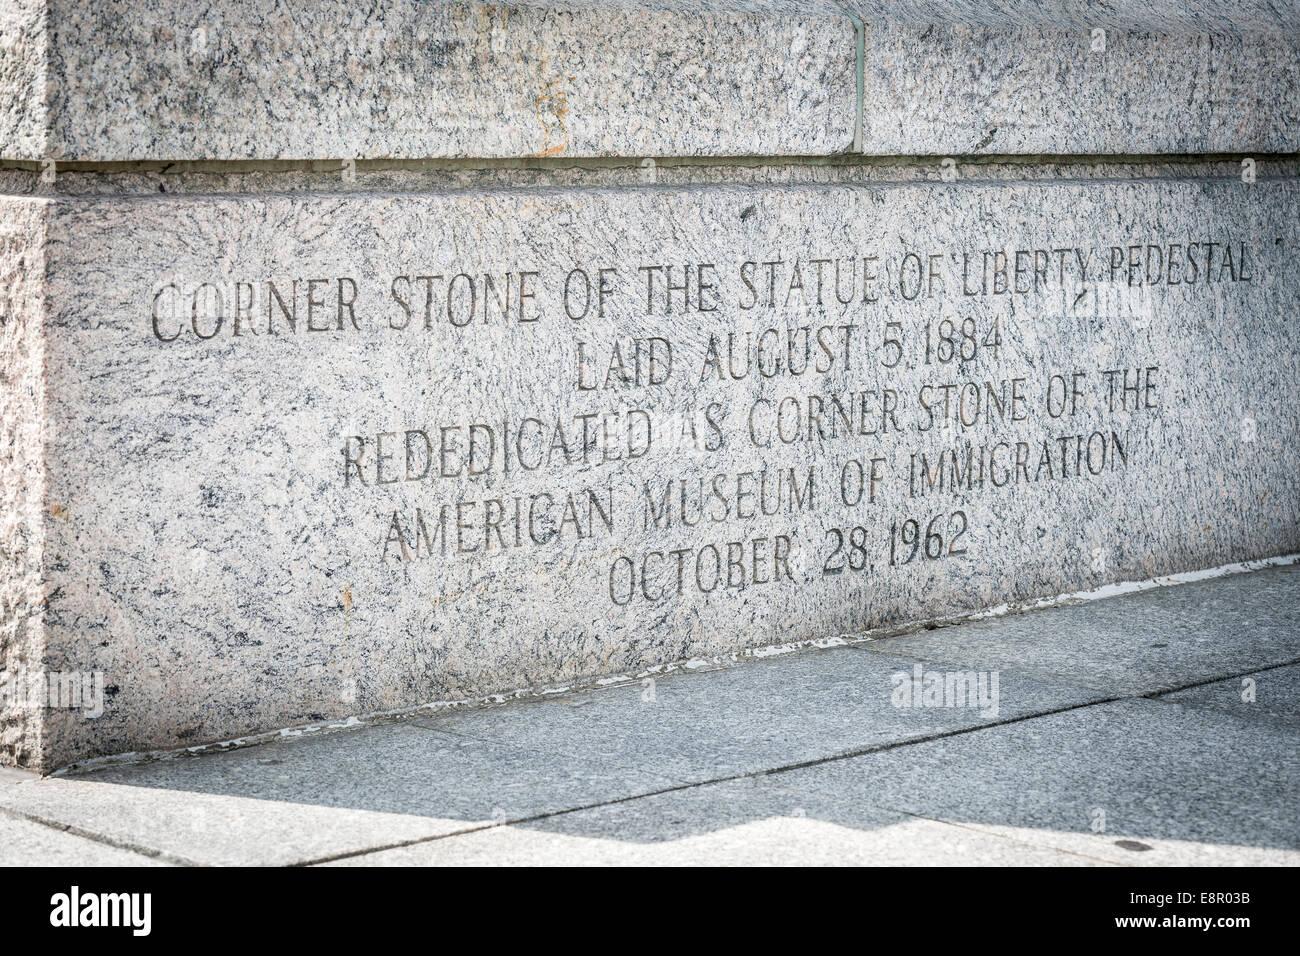 La pierre angulaire de la Statue de la liberté le piédestal, prévue le 5 août 1884 - Liberty Photo Stock